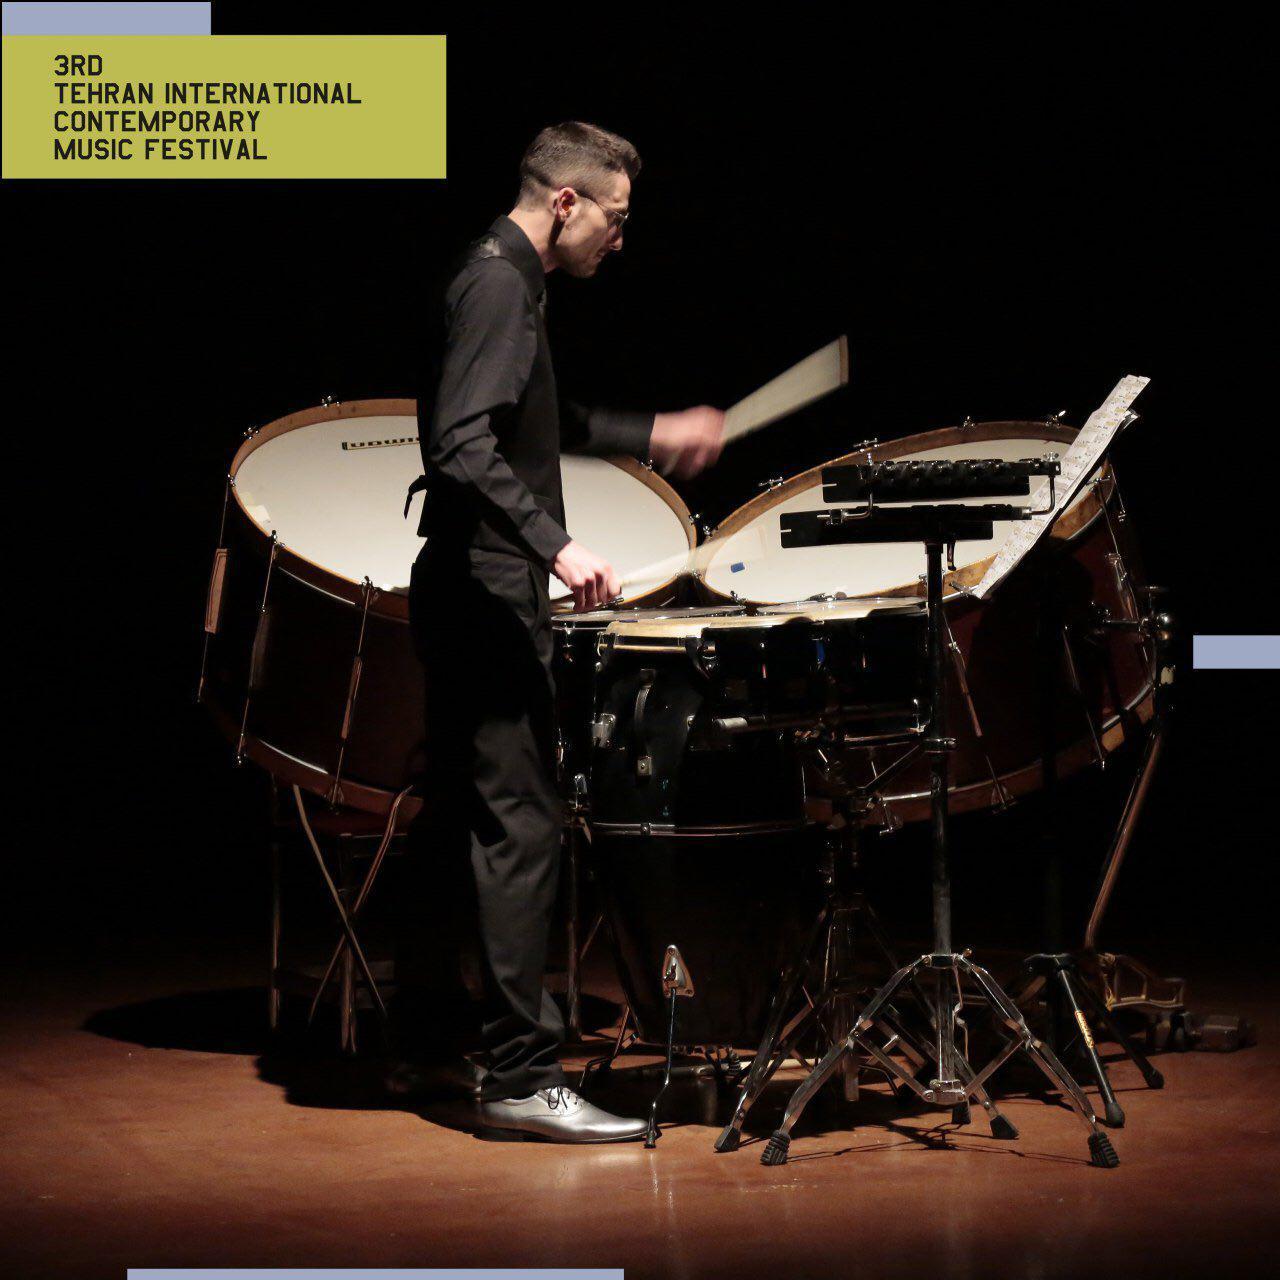 الکساندر ونوک نوازنده لهستانی آثار نادر مشایخی را نواخت